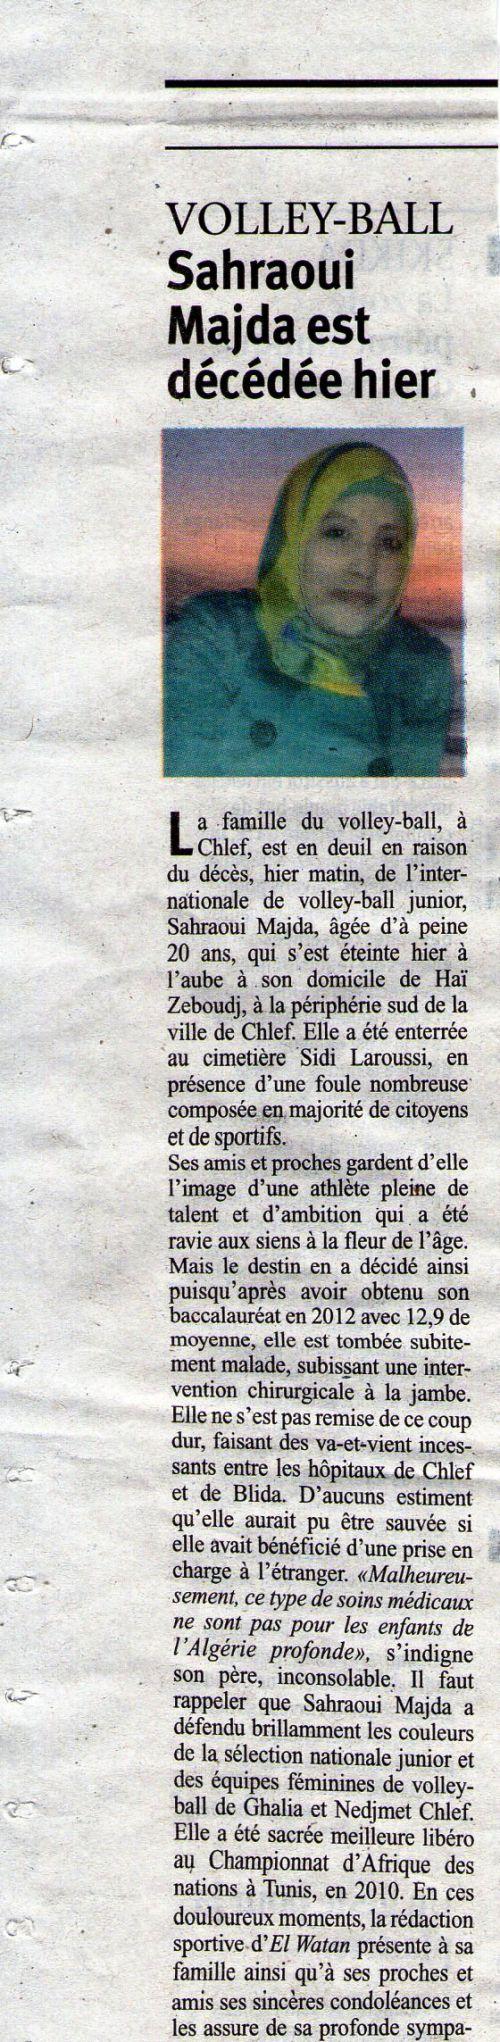 Sahraoui Majda est décédée .